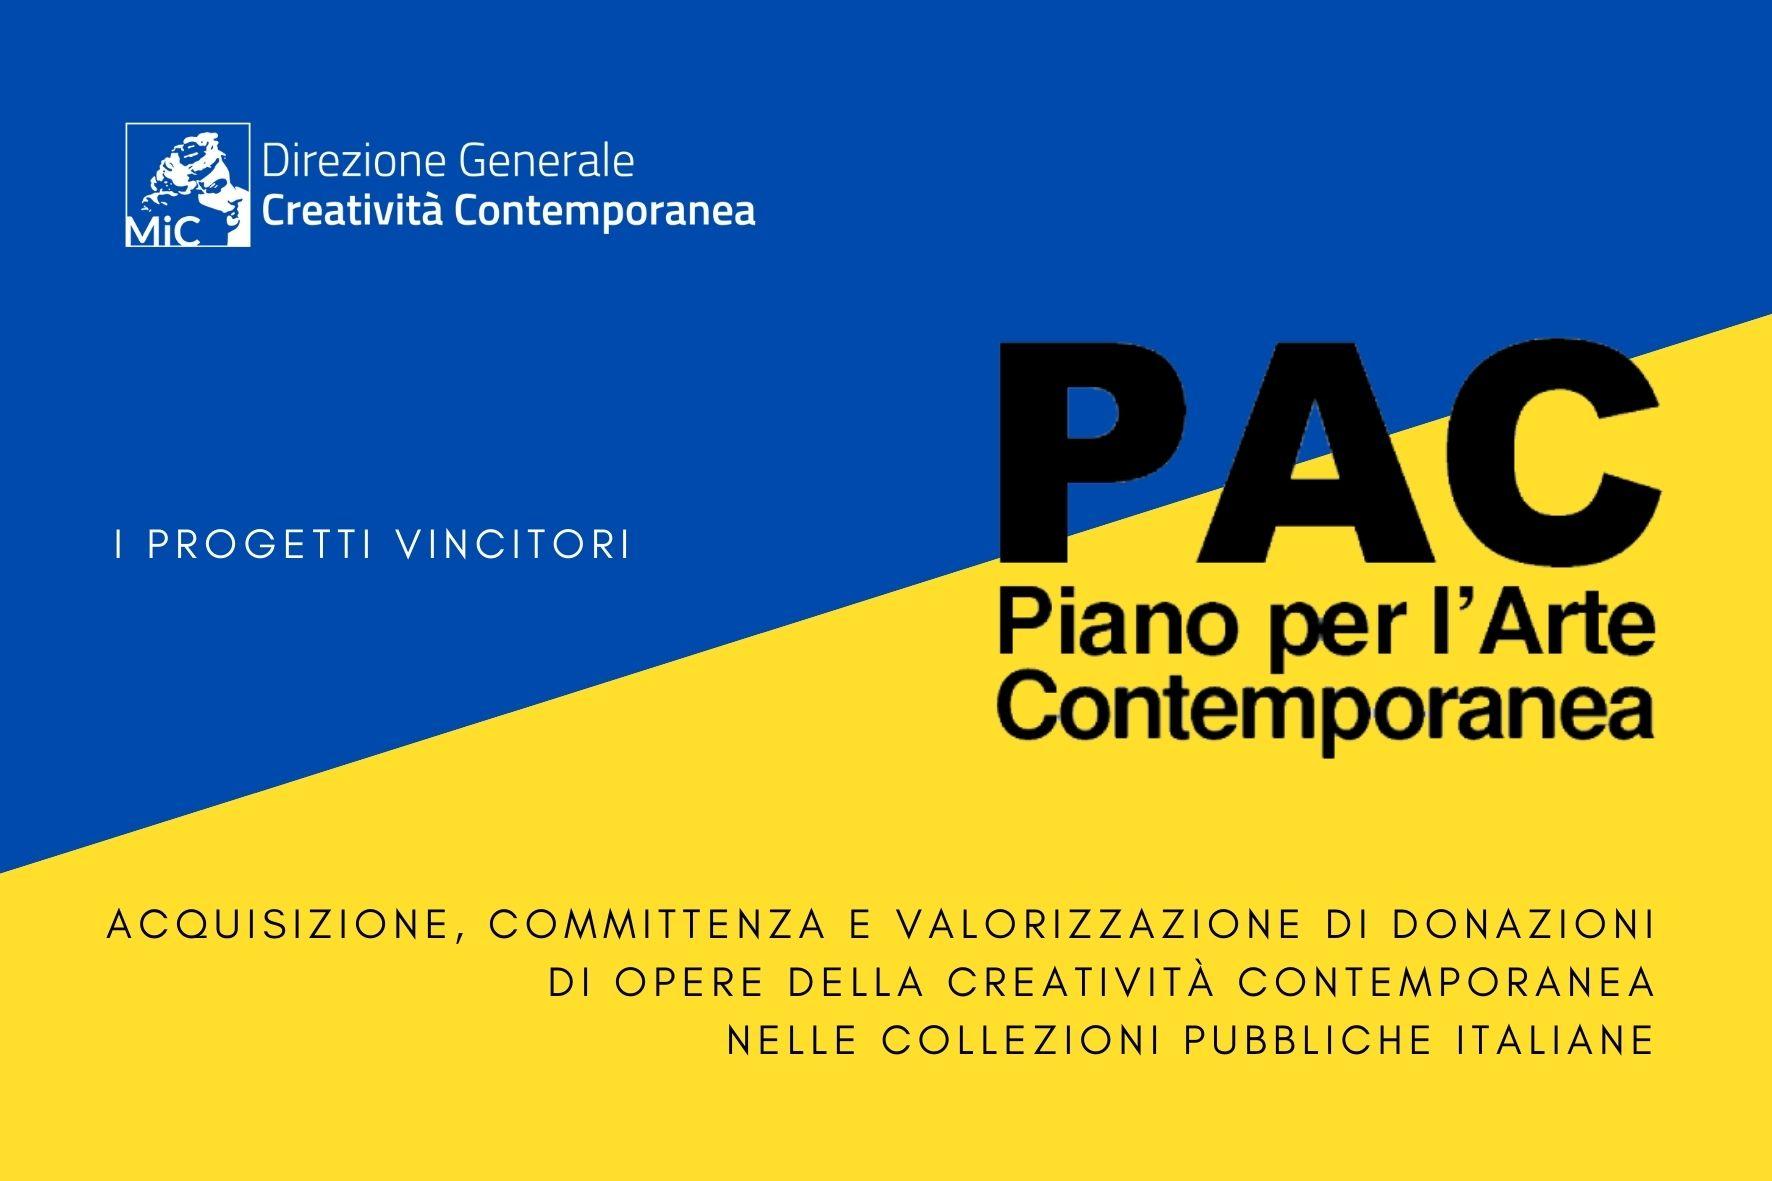 PAC – PIANO PER L'ARTE CONTEMPORANEA, 33 I PROGETTI SELEZIONATI PER L'ACQUISIZIONE, LA COMMITTENZA E LA VALORIZZAZIONE DI DONAZIONI DI OPERE DELLA CREATIVITÀ CONTEMPORANEA NELLE COLLEZIONI PUBBLICHE ITALIANE